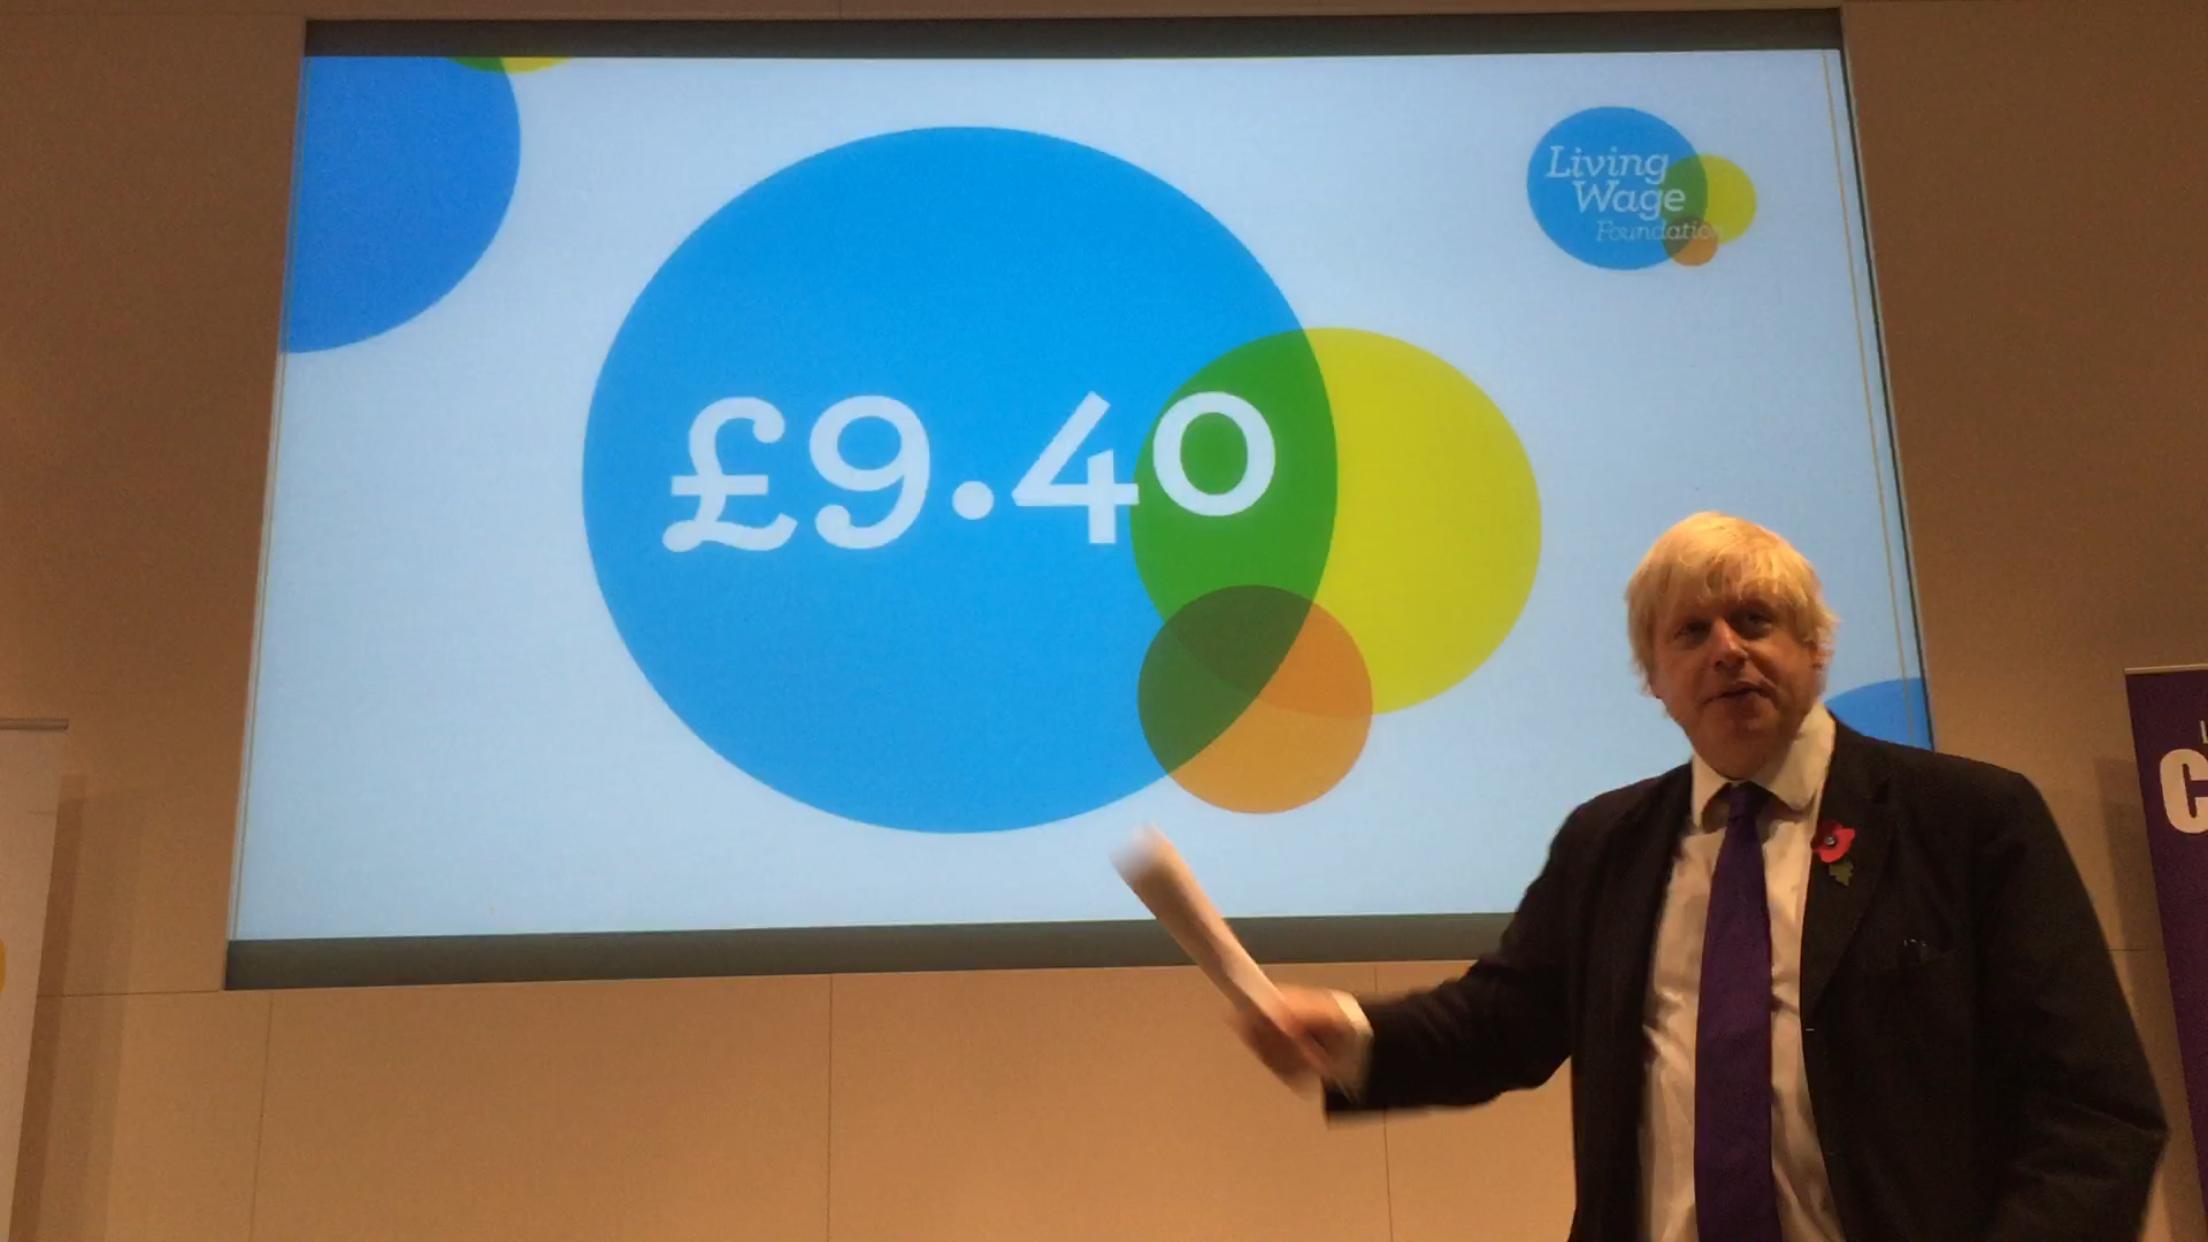 2015-11-02 (Penrose Care) Boris Johnson Living Wage 2016 announces